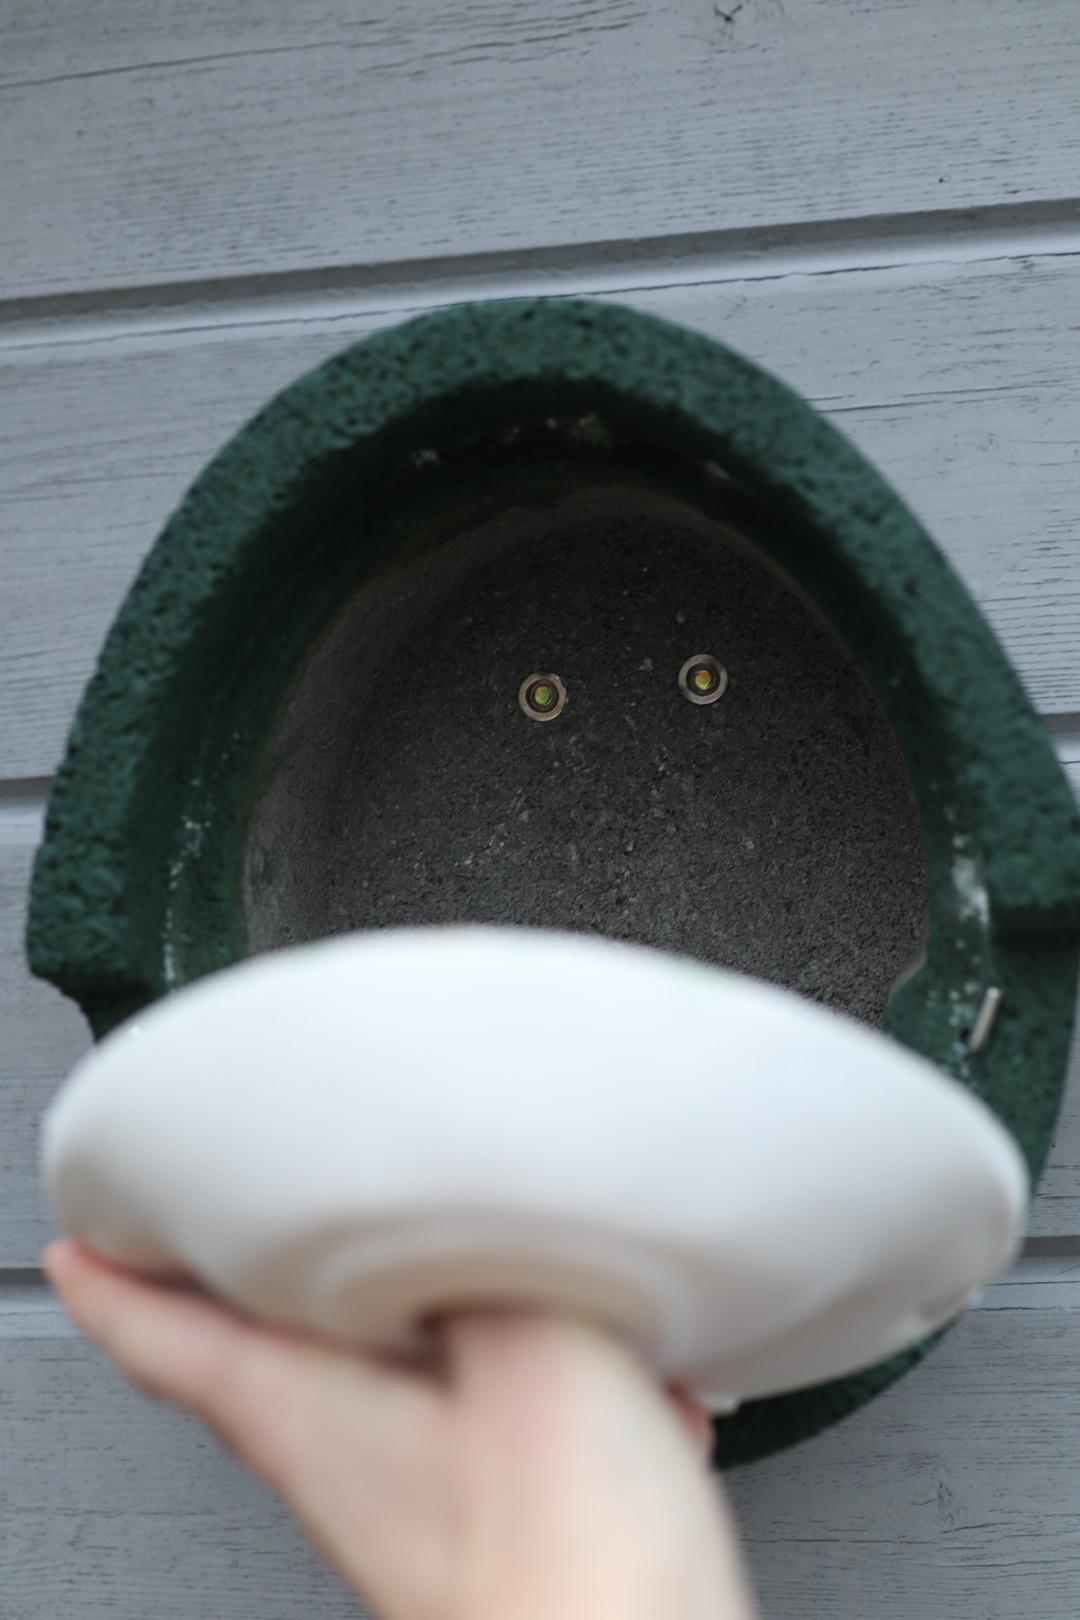 öppna fågelholk